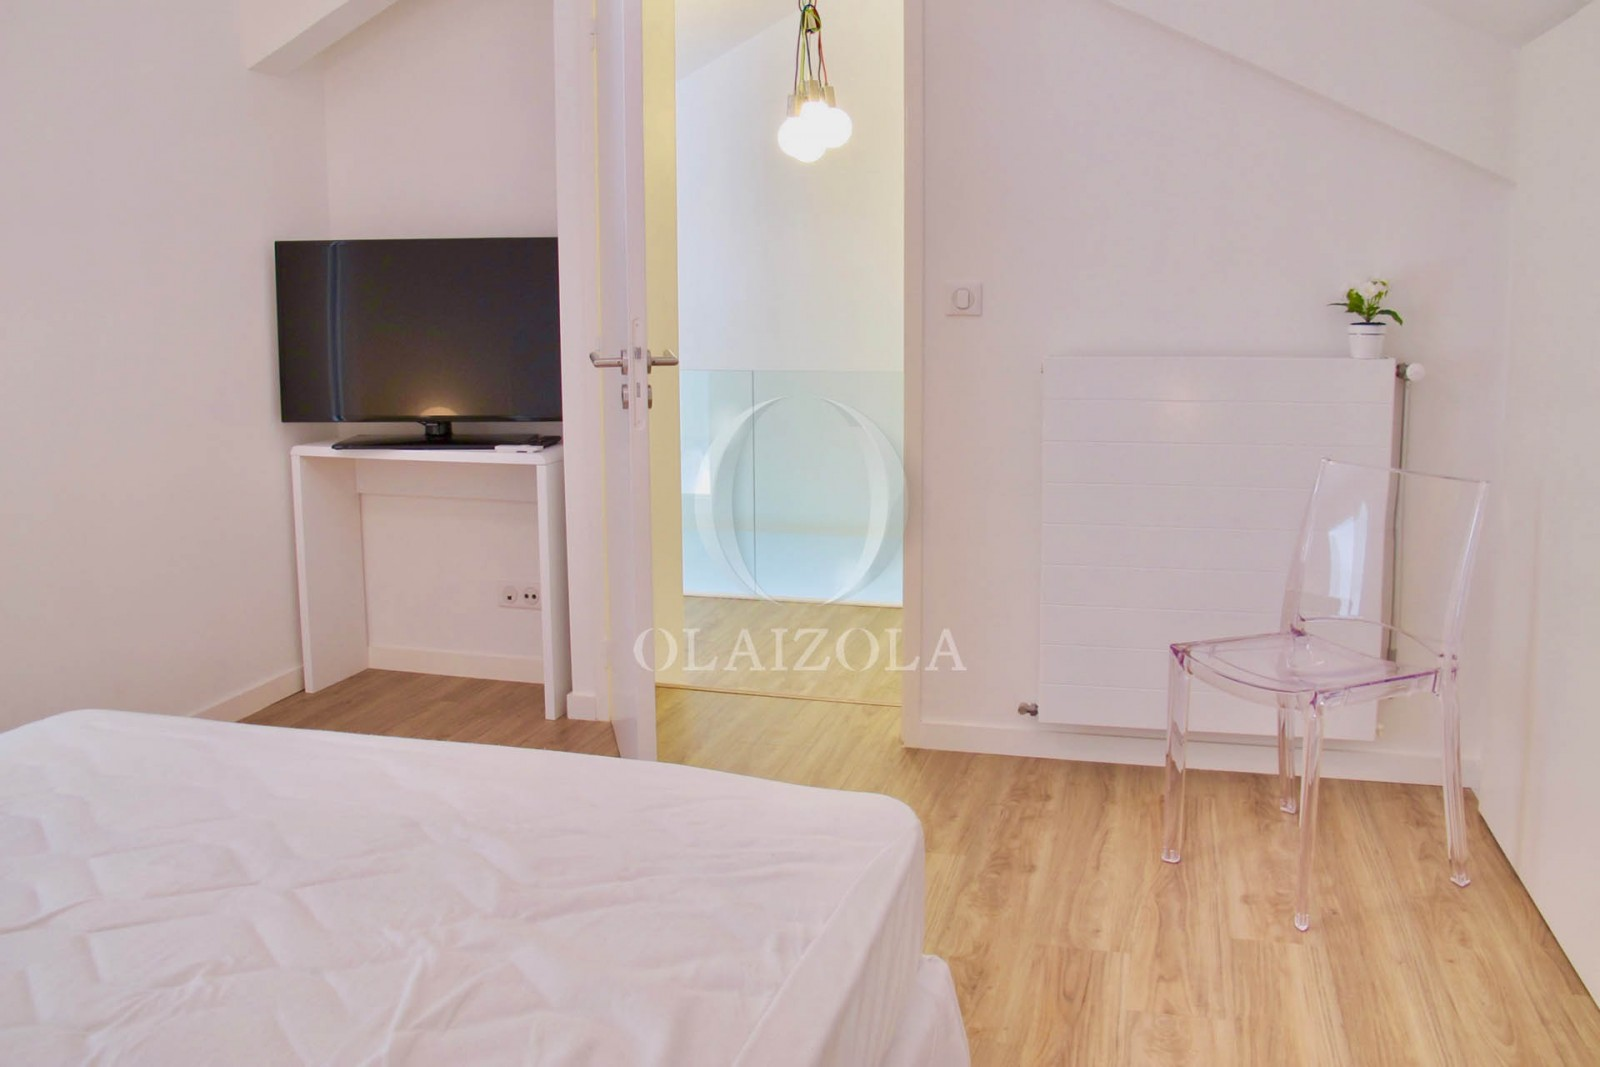 Vue mer chambre d amour agence olaizola location saisonni re de vacances biarritz et sur - Plage de la chambre d amour ...